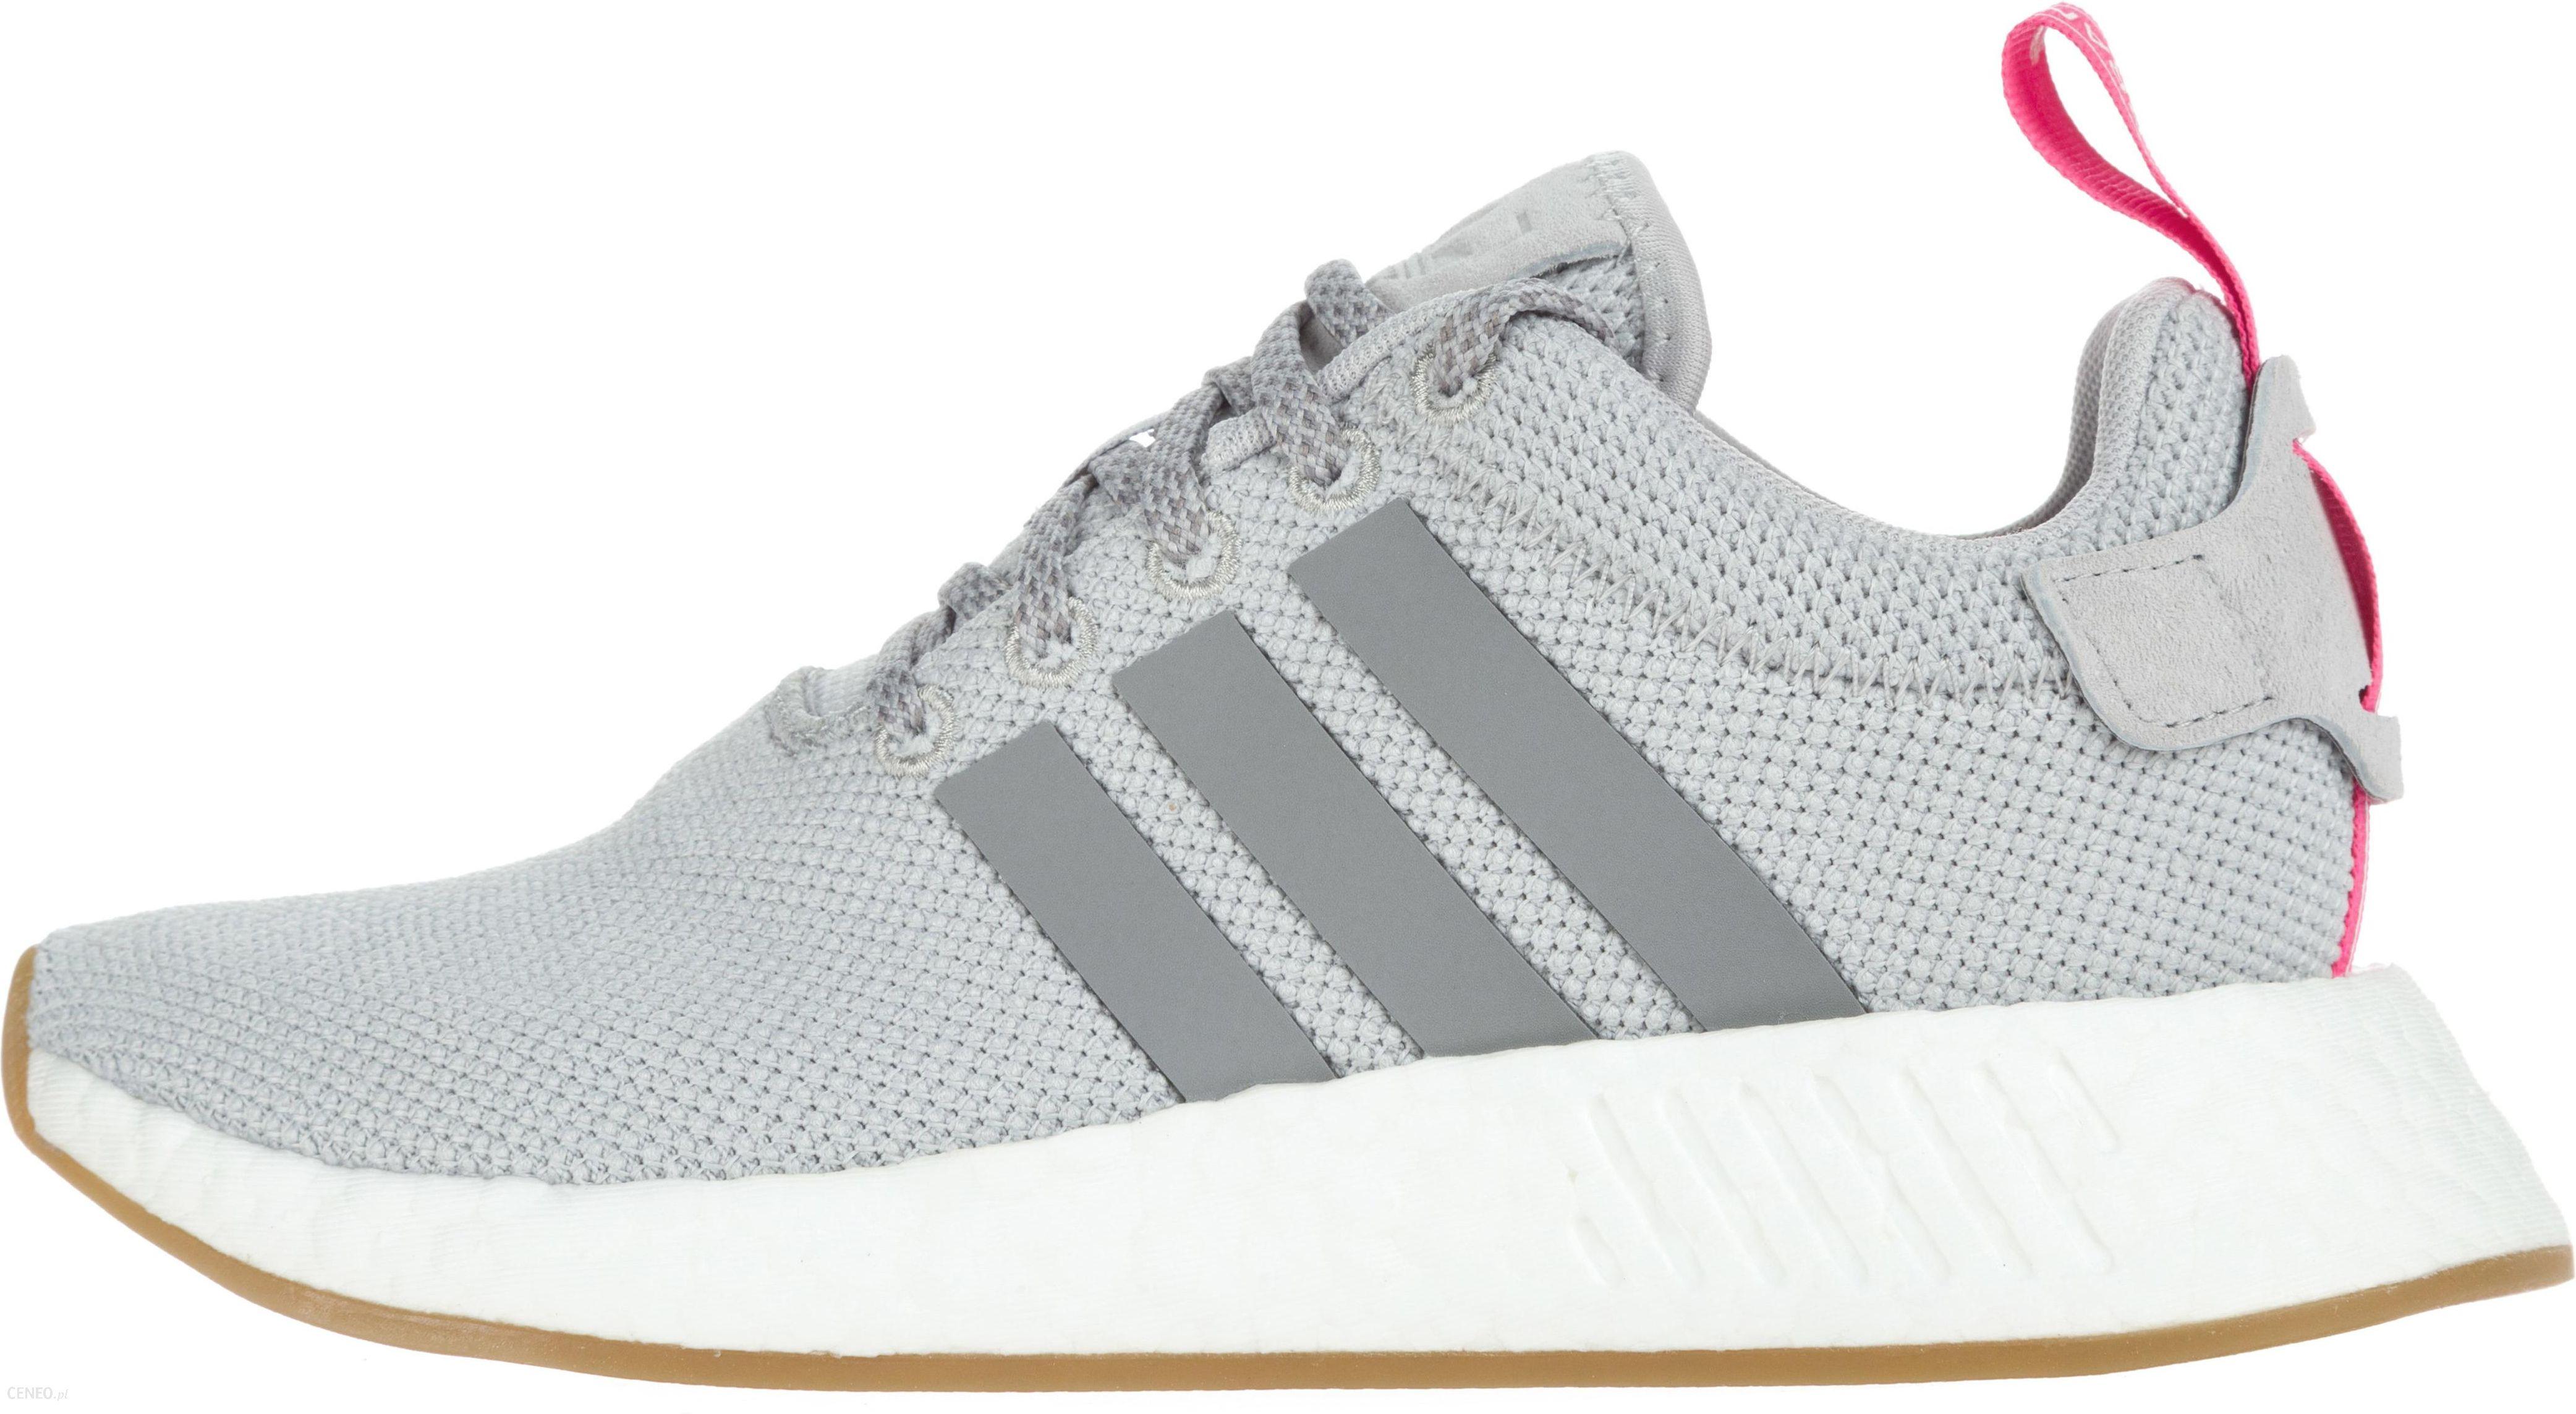 Adidas Originals NMD_R2 Tenisówki Szary 38 23 Ceny i opinie Ceneo.pl